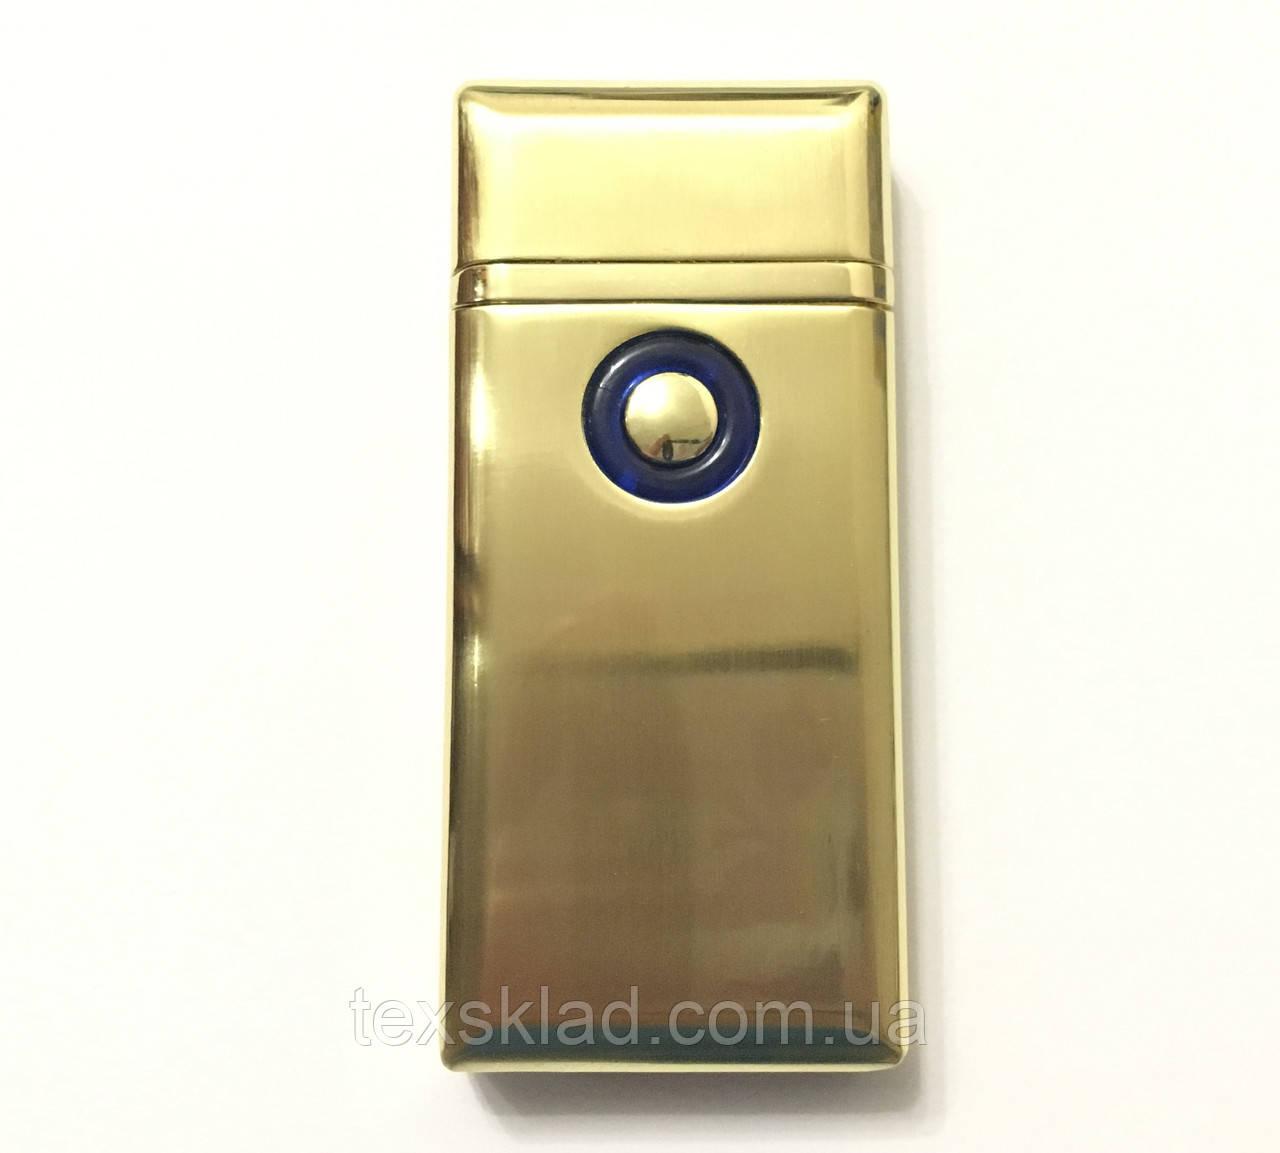 Зажигалка газовая и электро 2в1 Double / TH705 Золотой